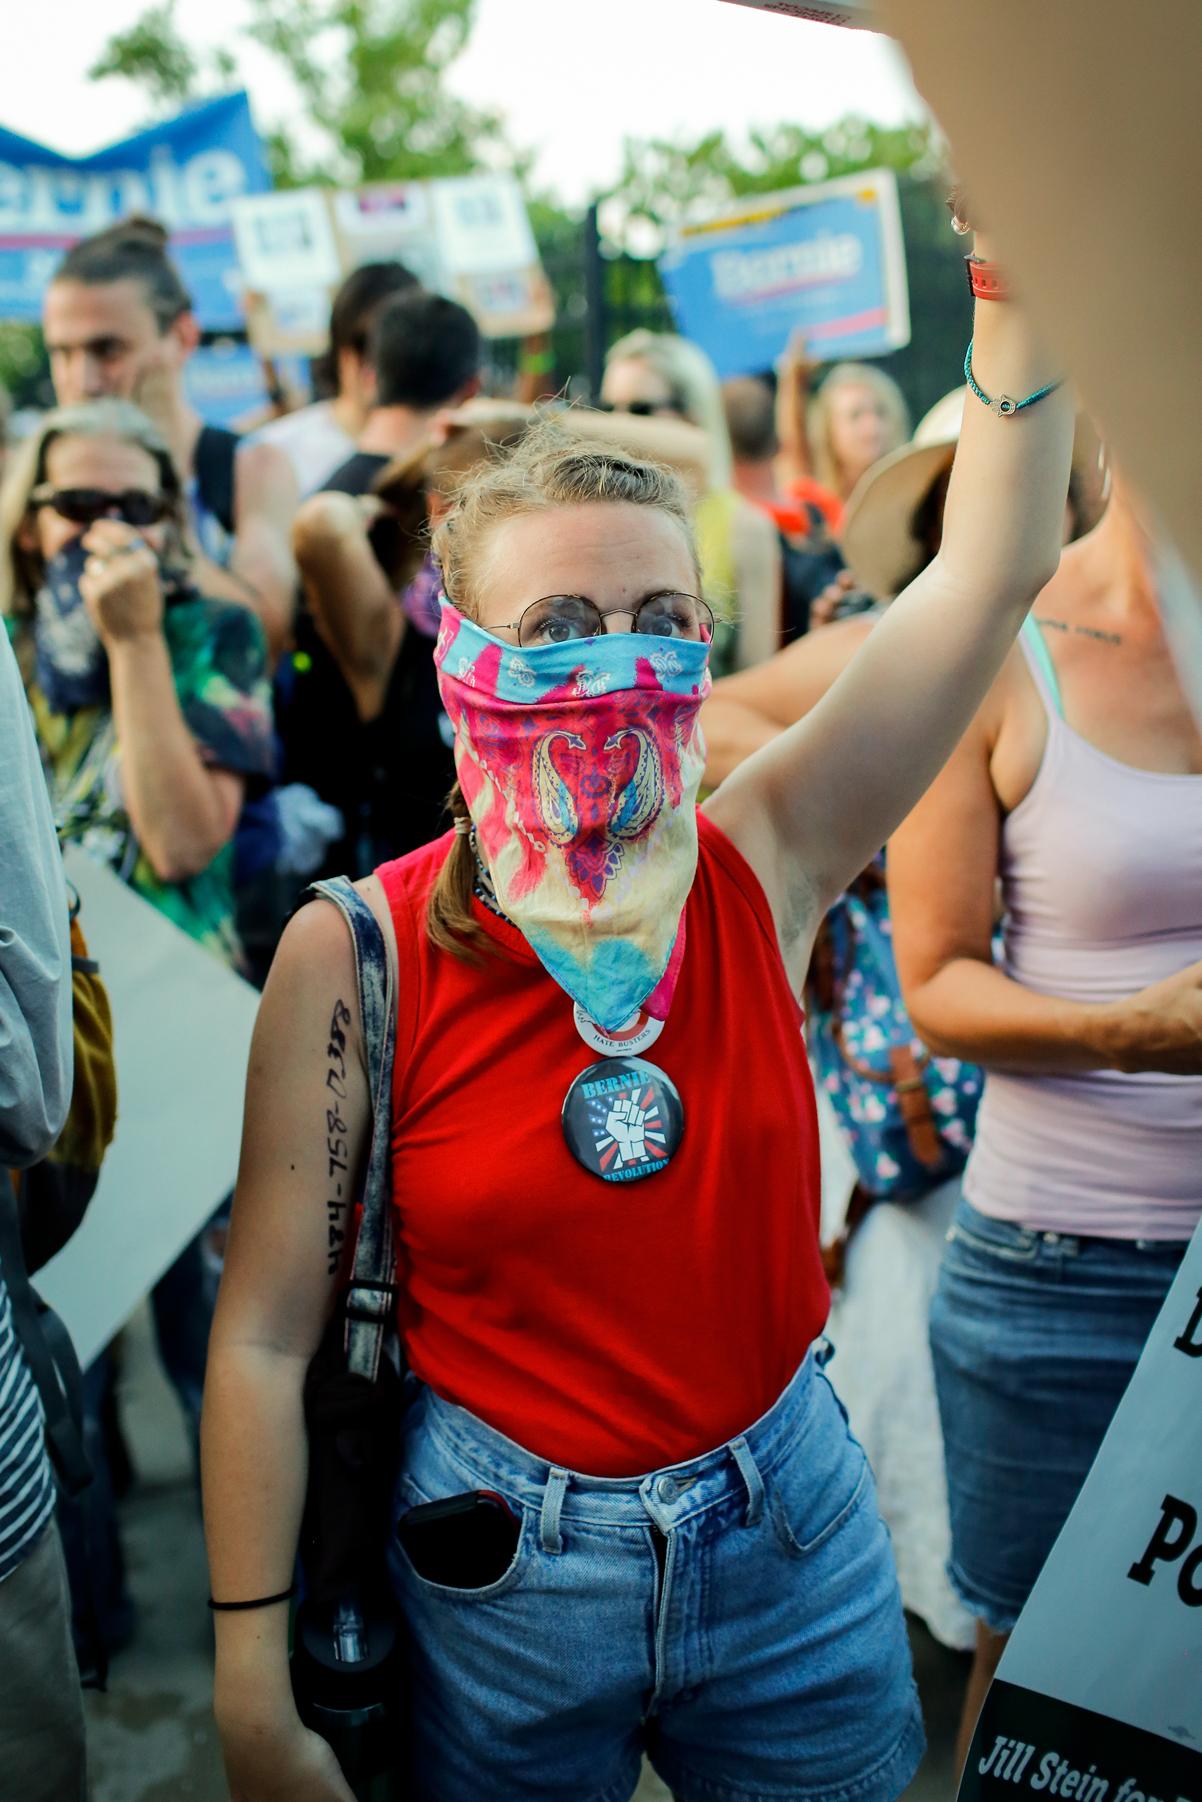 Masked Demonstrator Outside Barricade